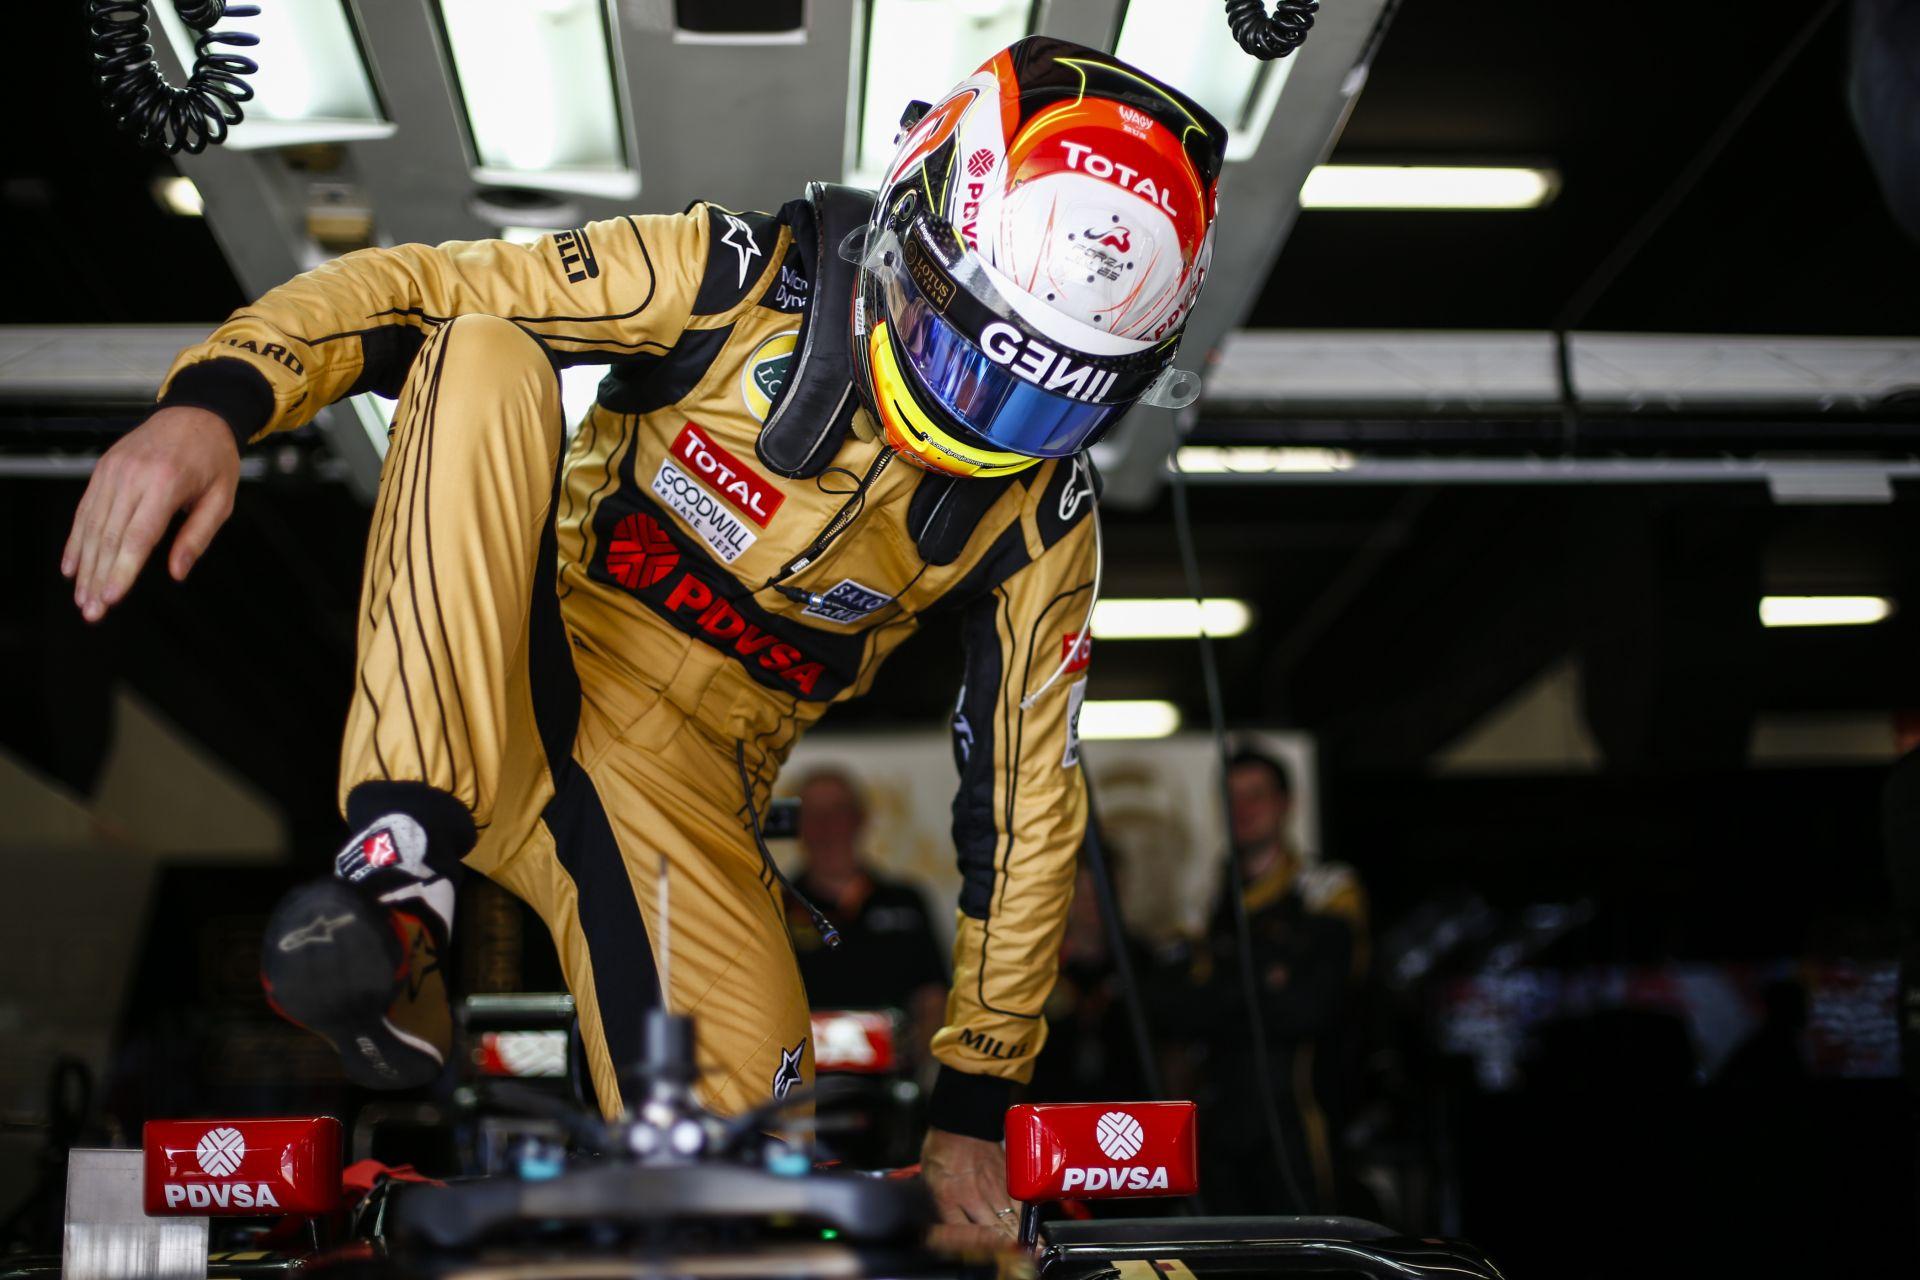 Így ütötte el a szerelőjét Grosjean a Spanyol Nagydíjon